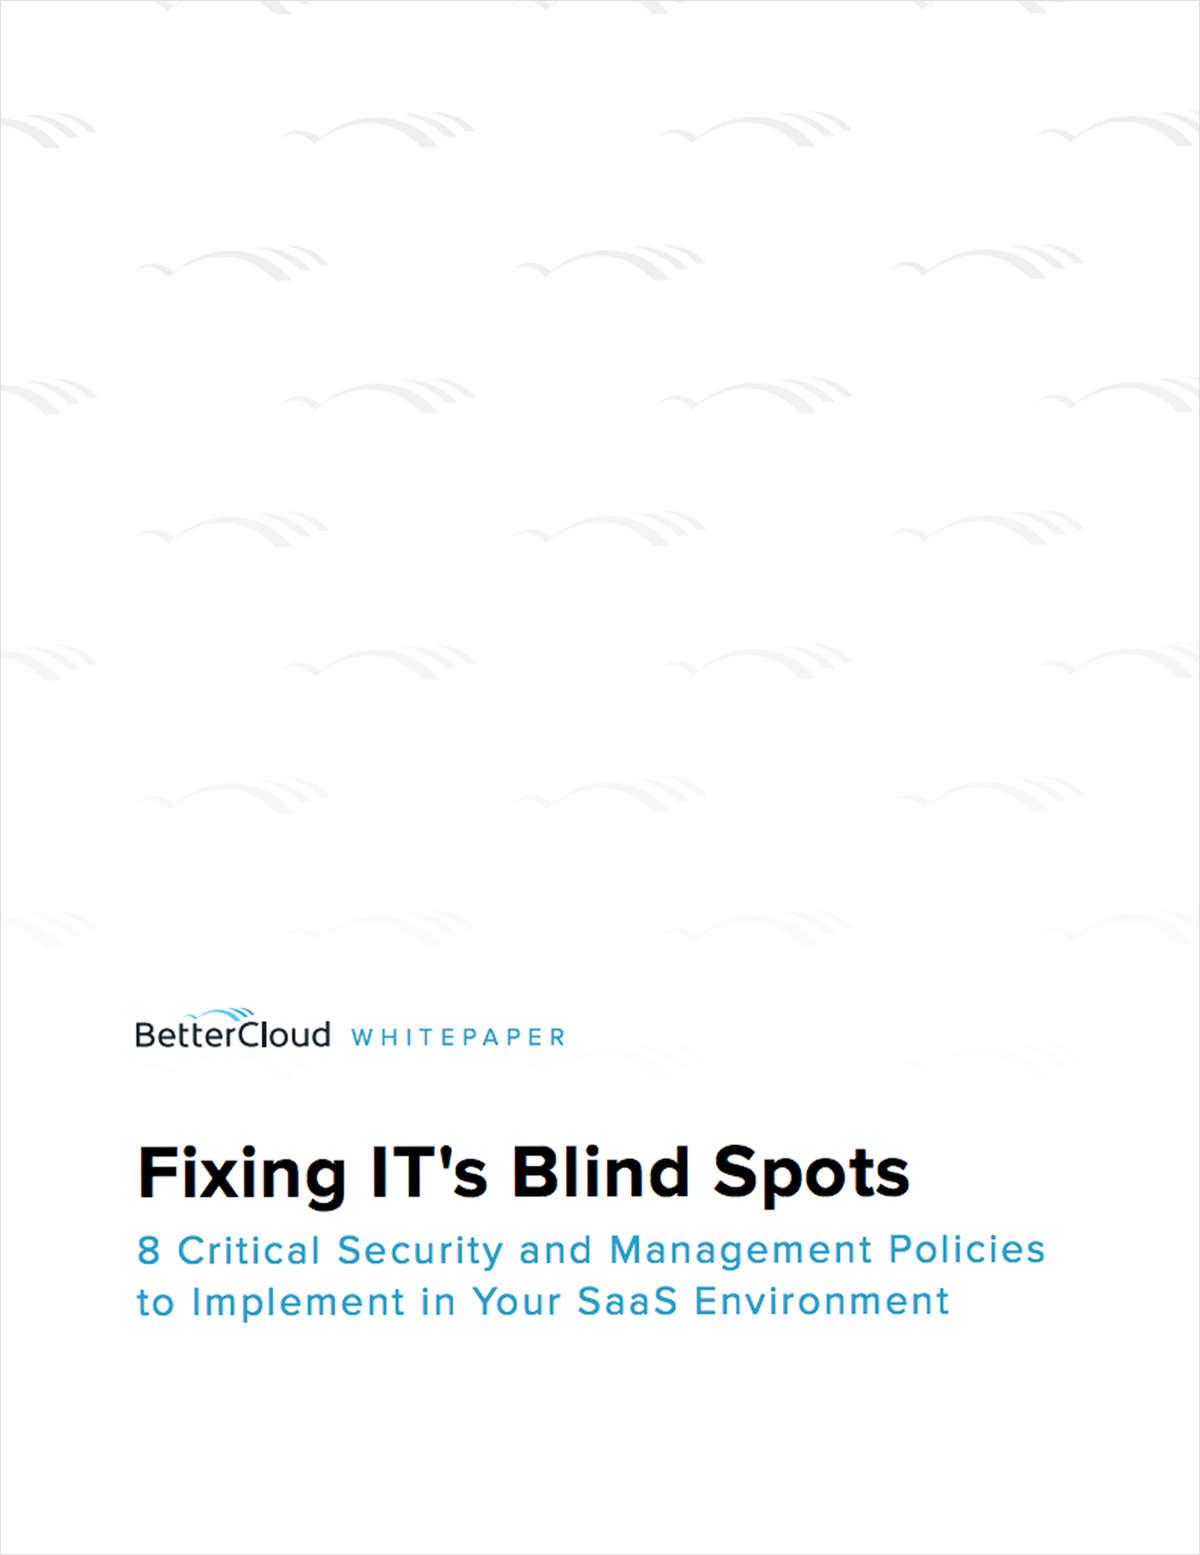 Fixing IT's Blind Spots